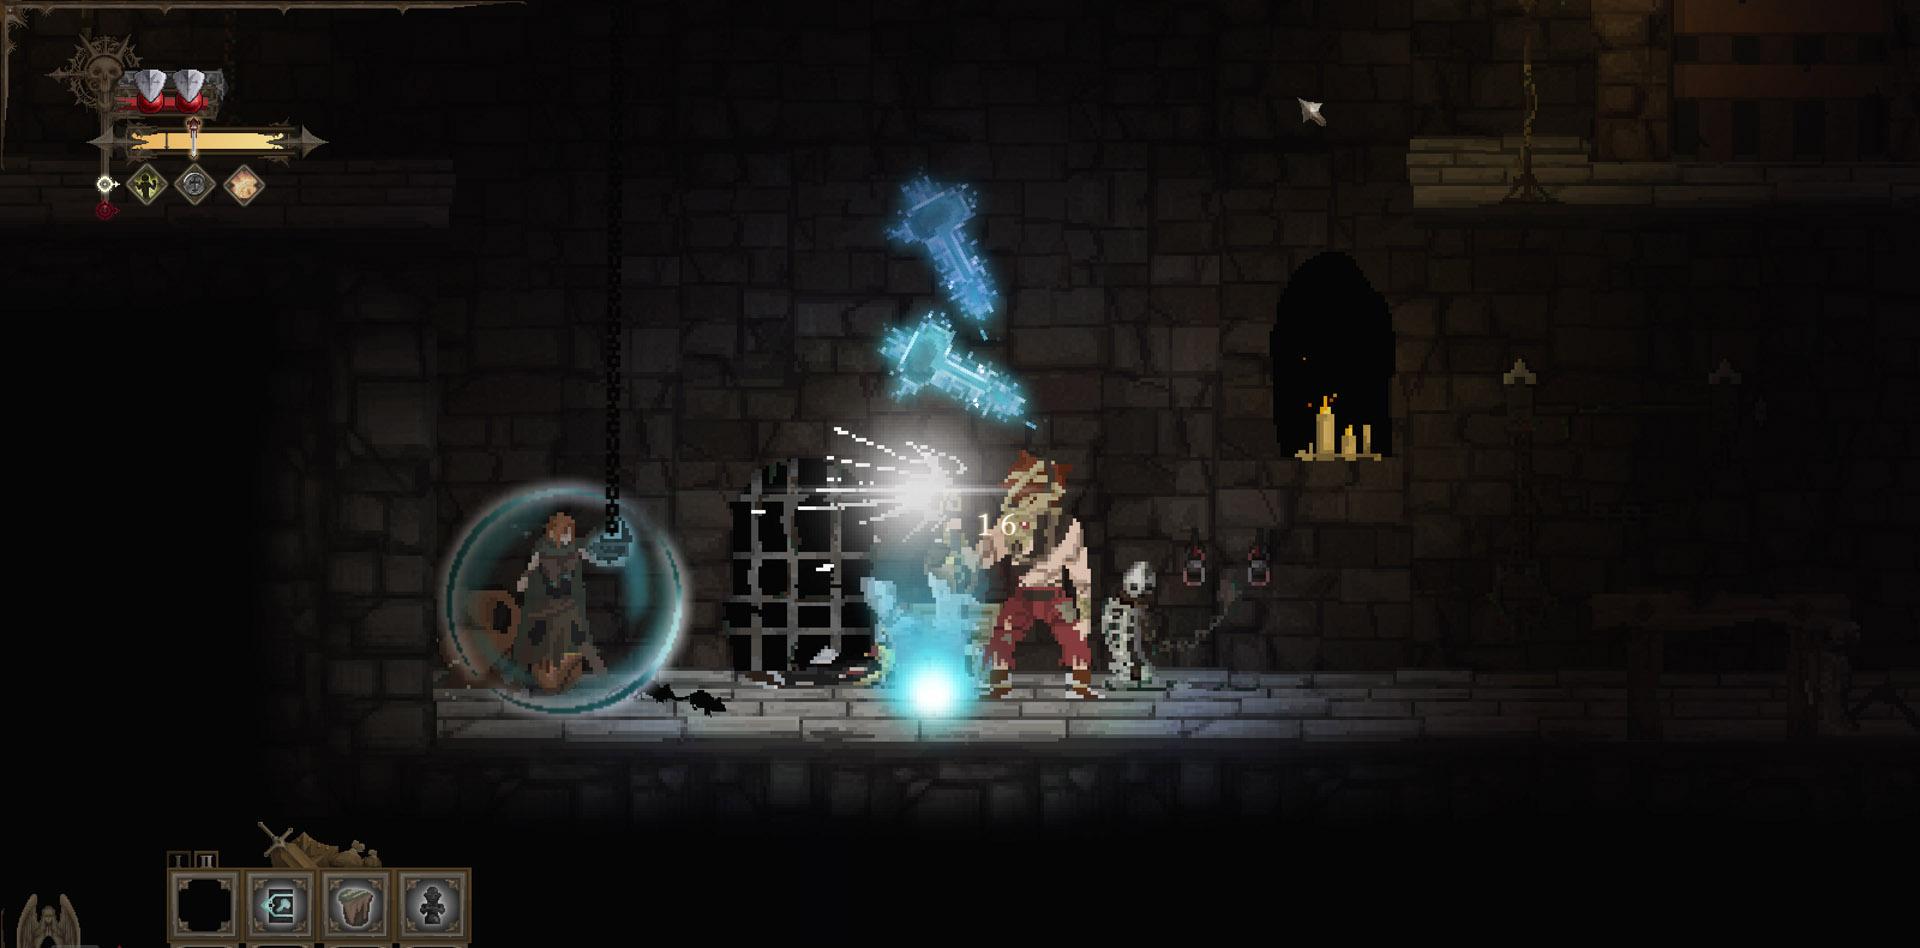 نقد و بررسی بازی Dark Devotion